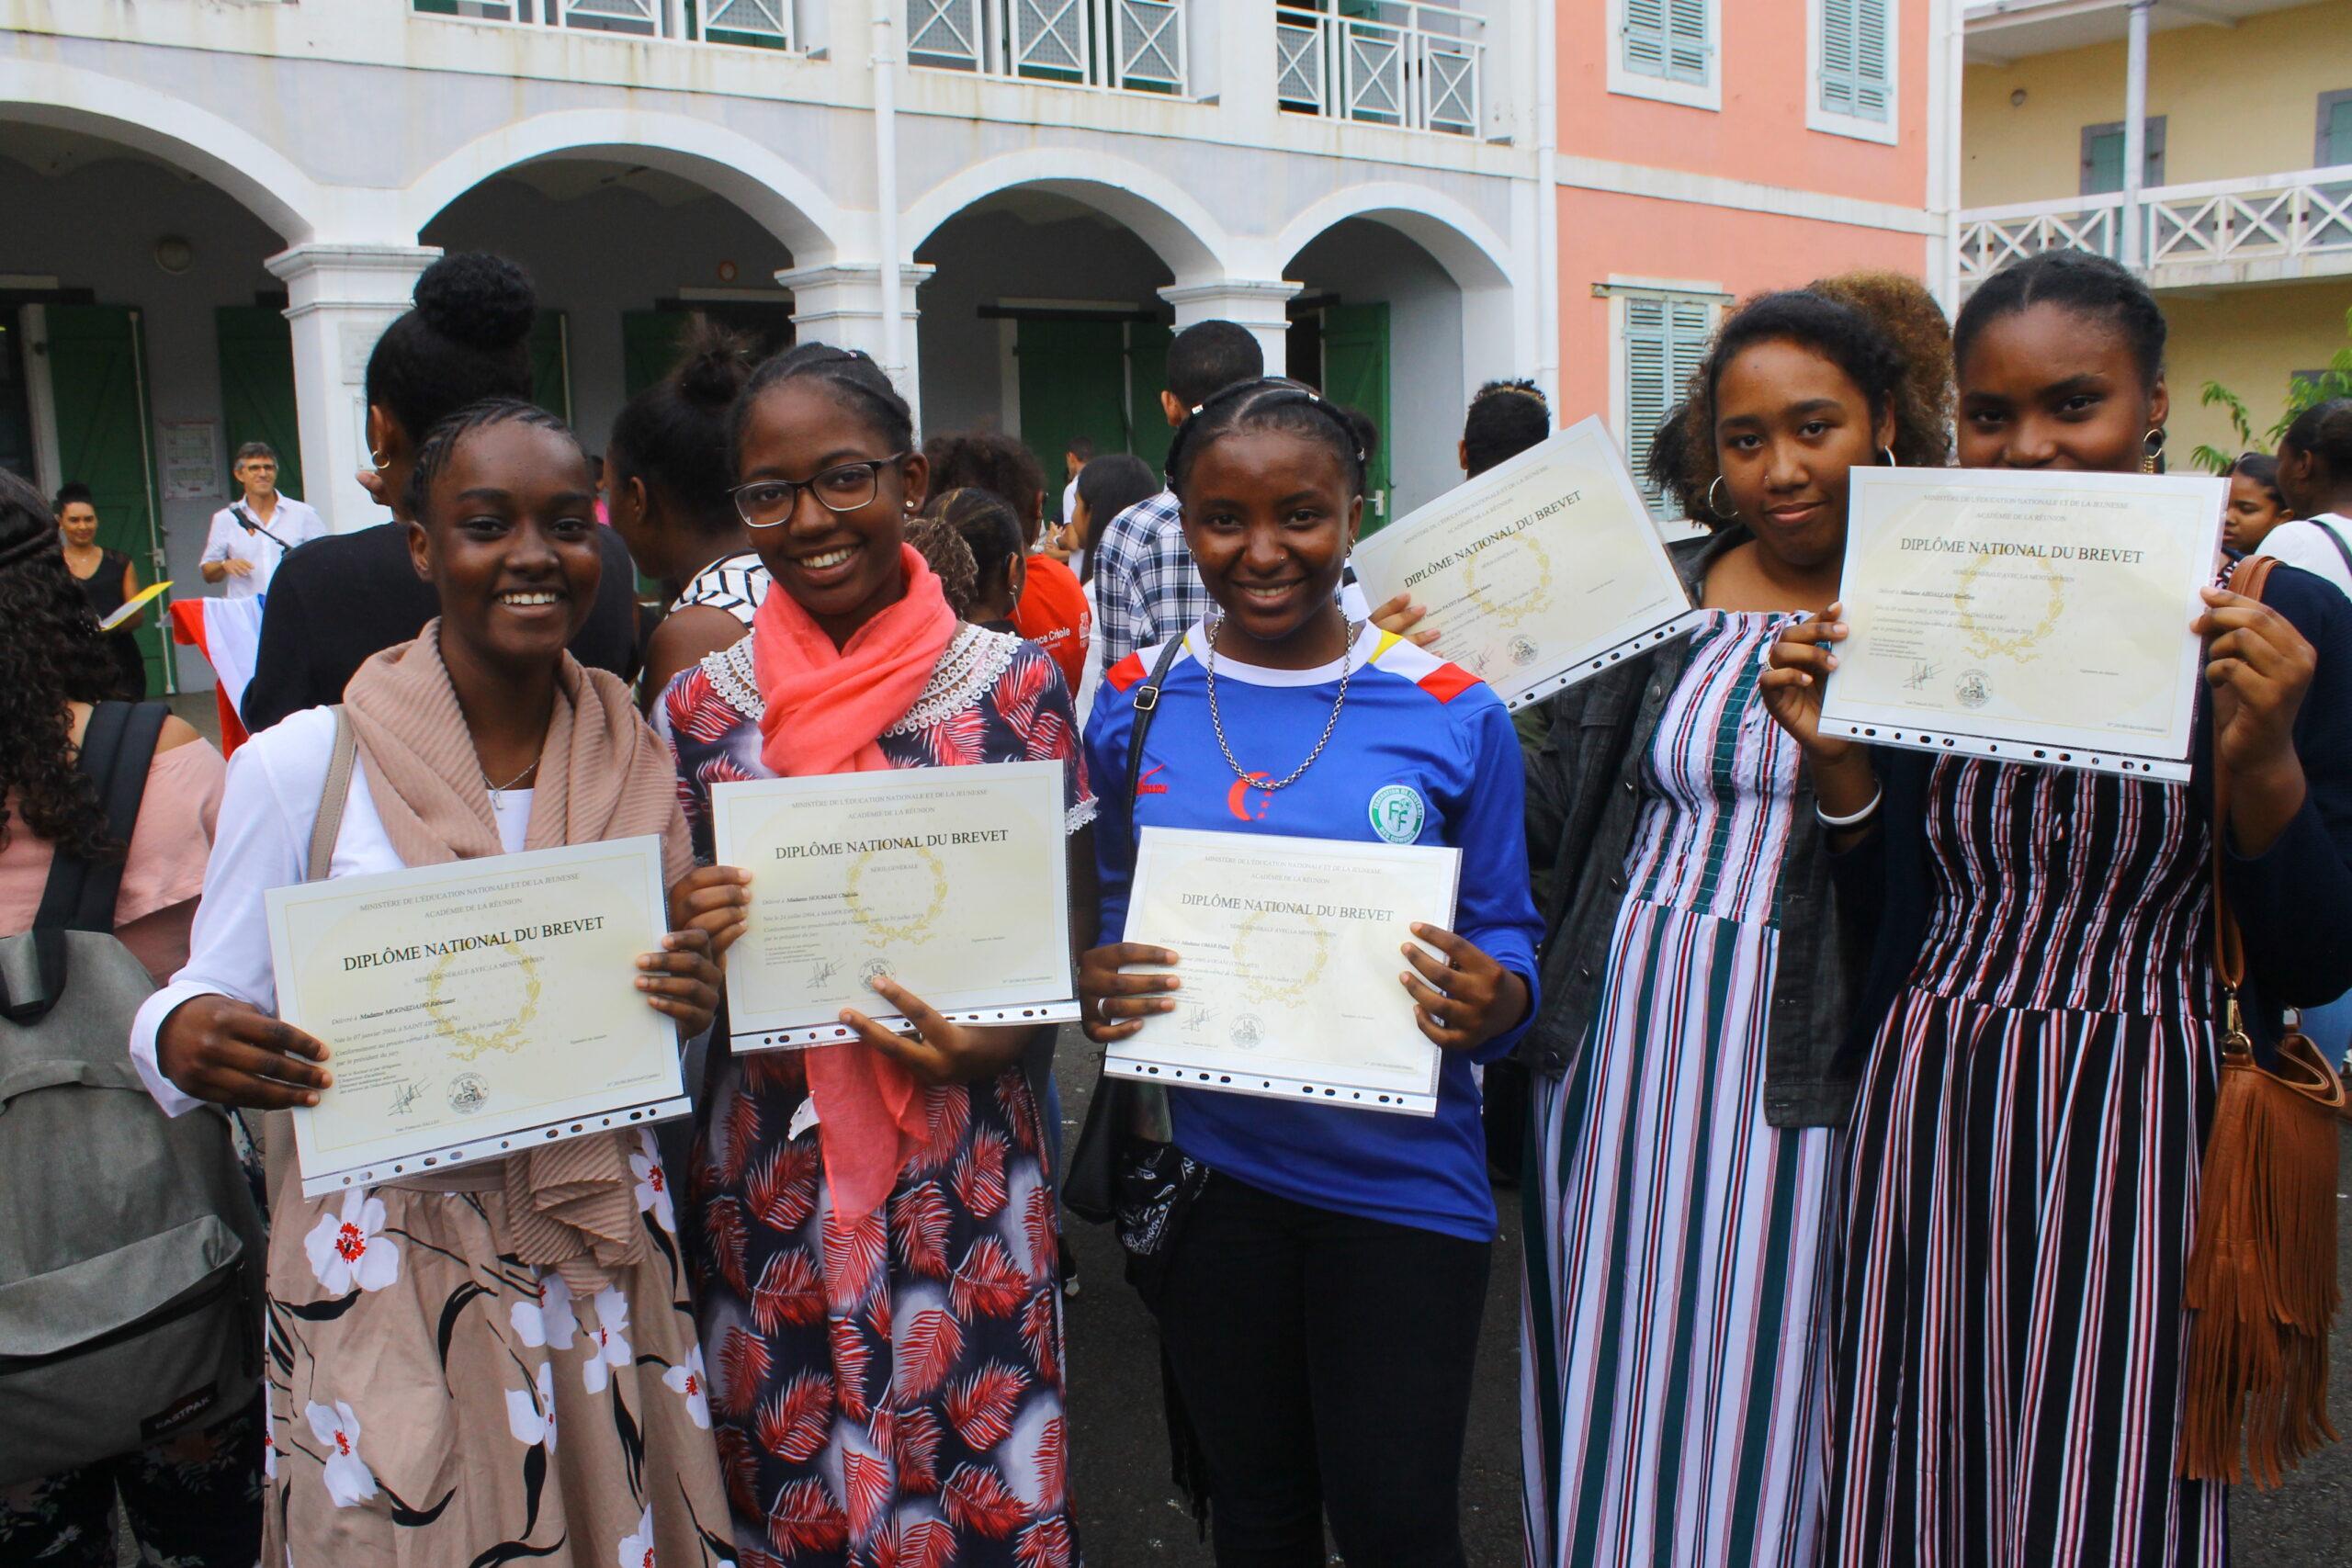 La fierté d'avoir obtenu leur Brevet se lit sur le visage de ces anciennes élèves du collège. Saurez-vous les reconnaître ? (Photo : Club Journal)